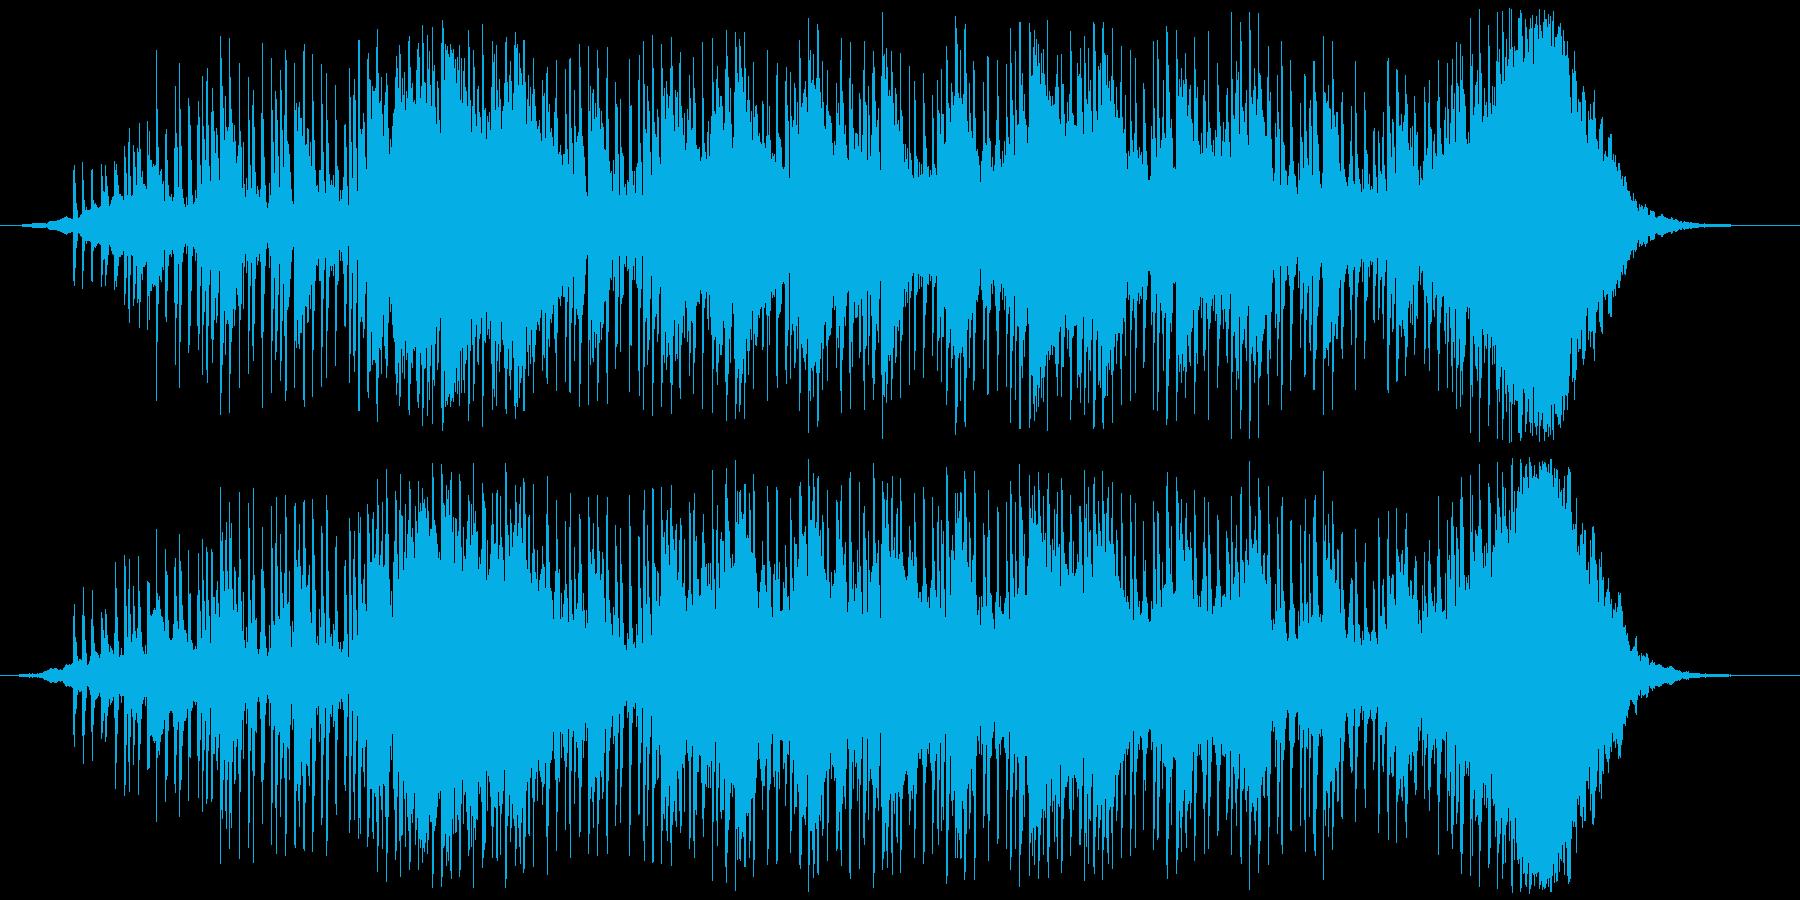 ヘビーなエレクトロニカの再生済みの波形